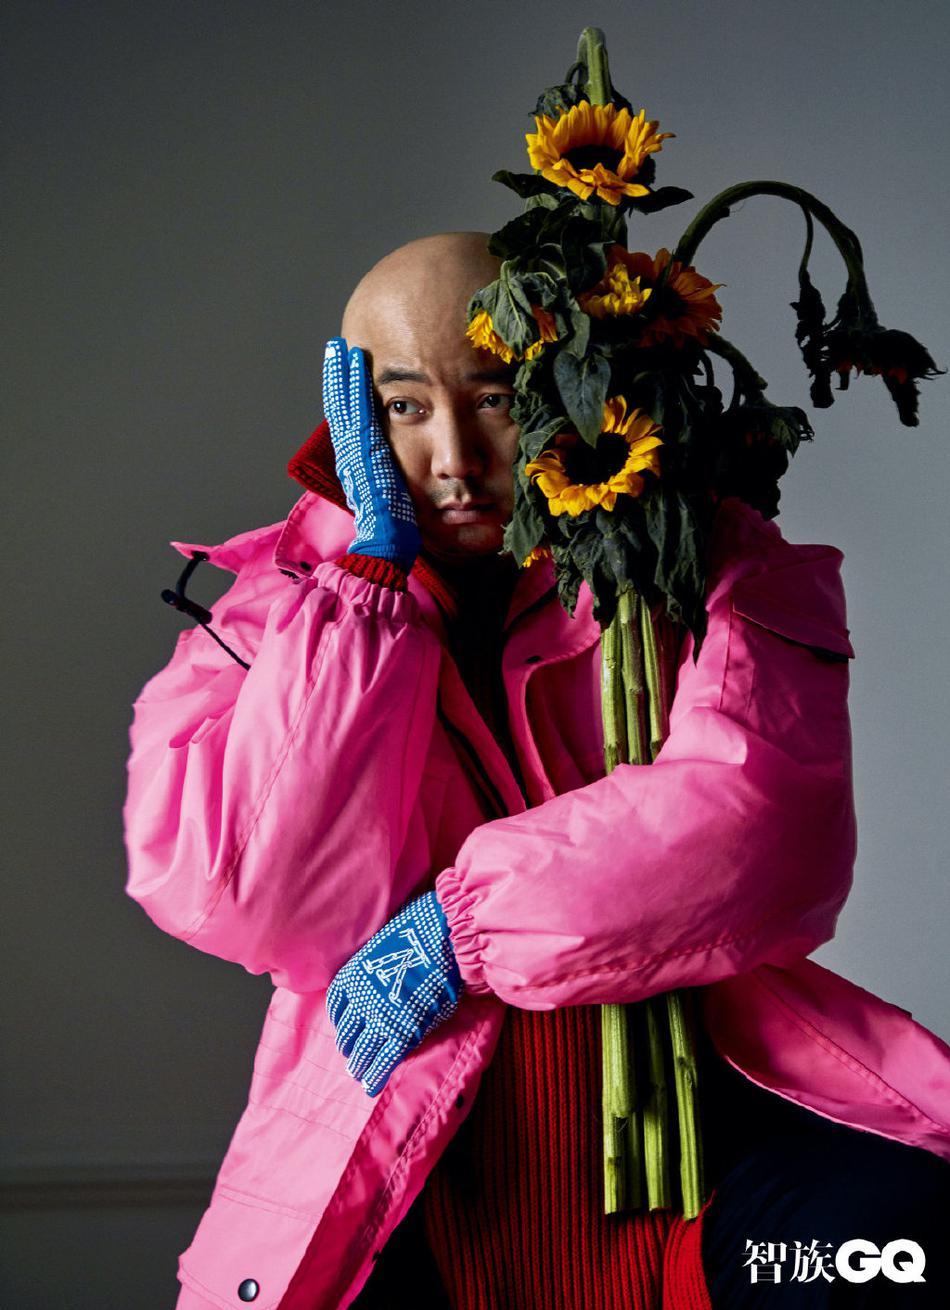 组图:徐峥杂志大片曝光 穿粉夹克手拿向日葵表情呆萌可爱